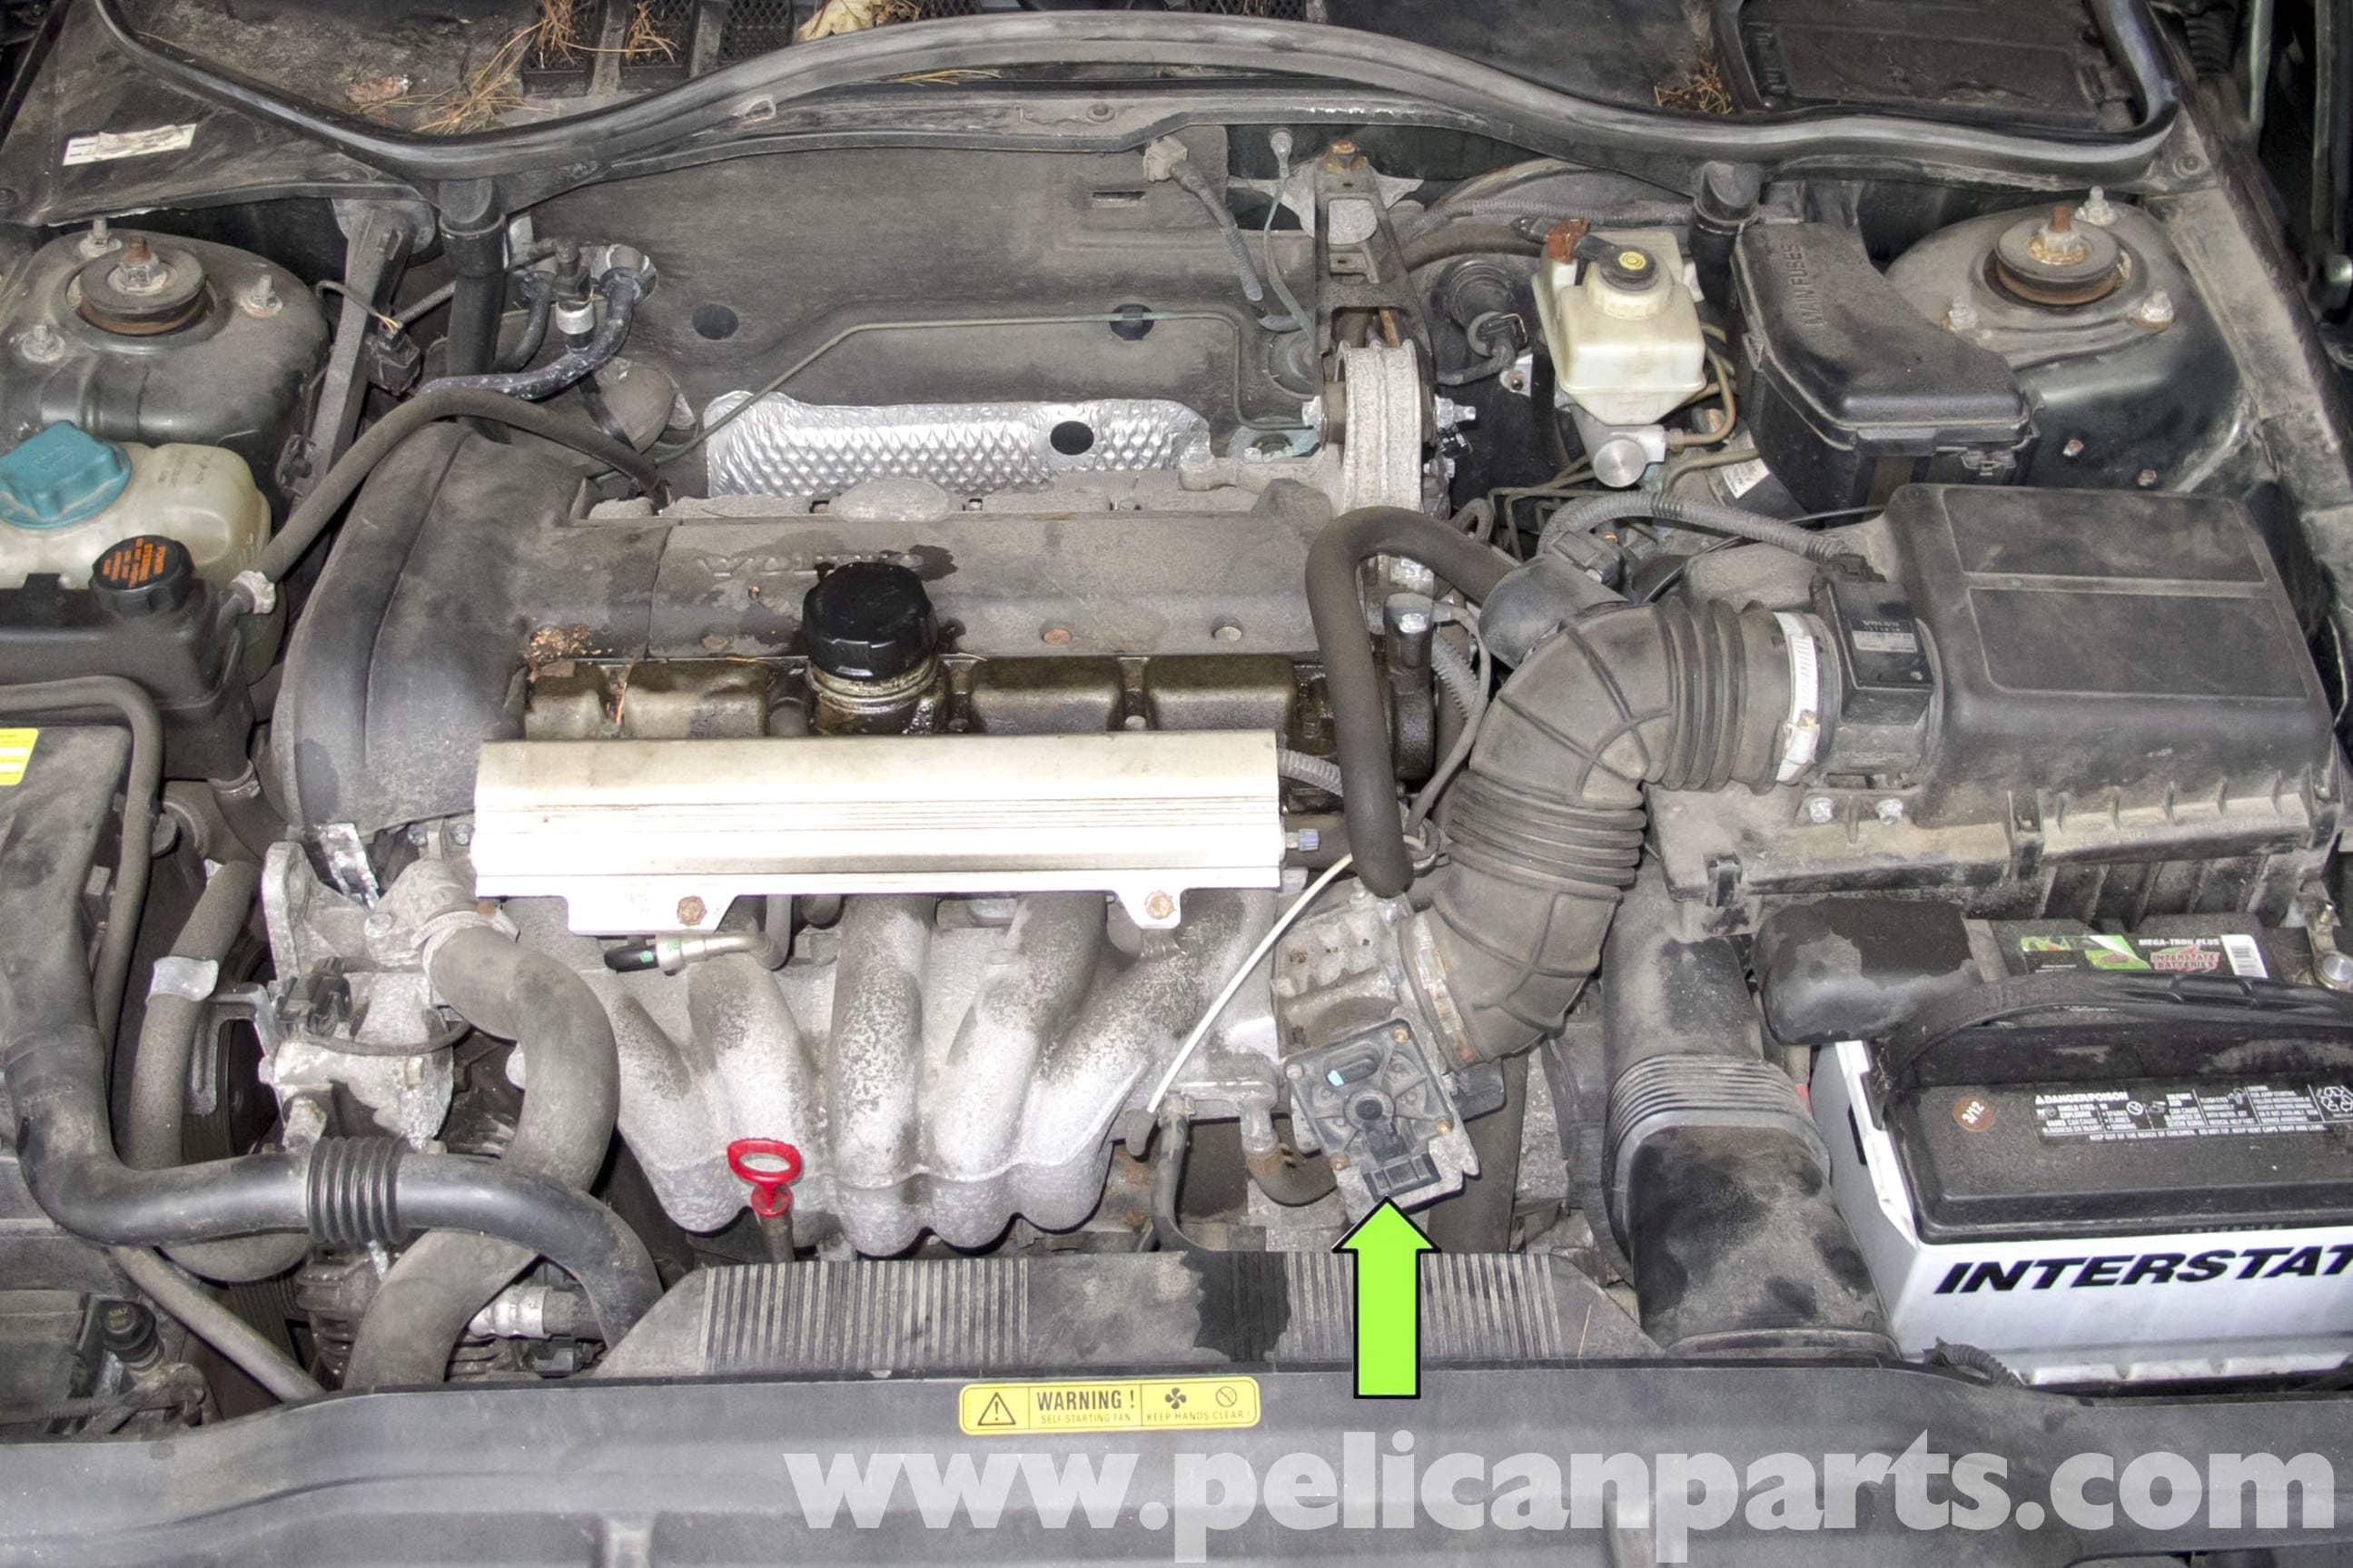 Volvo S40 Throttle Body - Large Image Extra Large Image - Volvo S40 Throttle Body